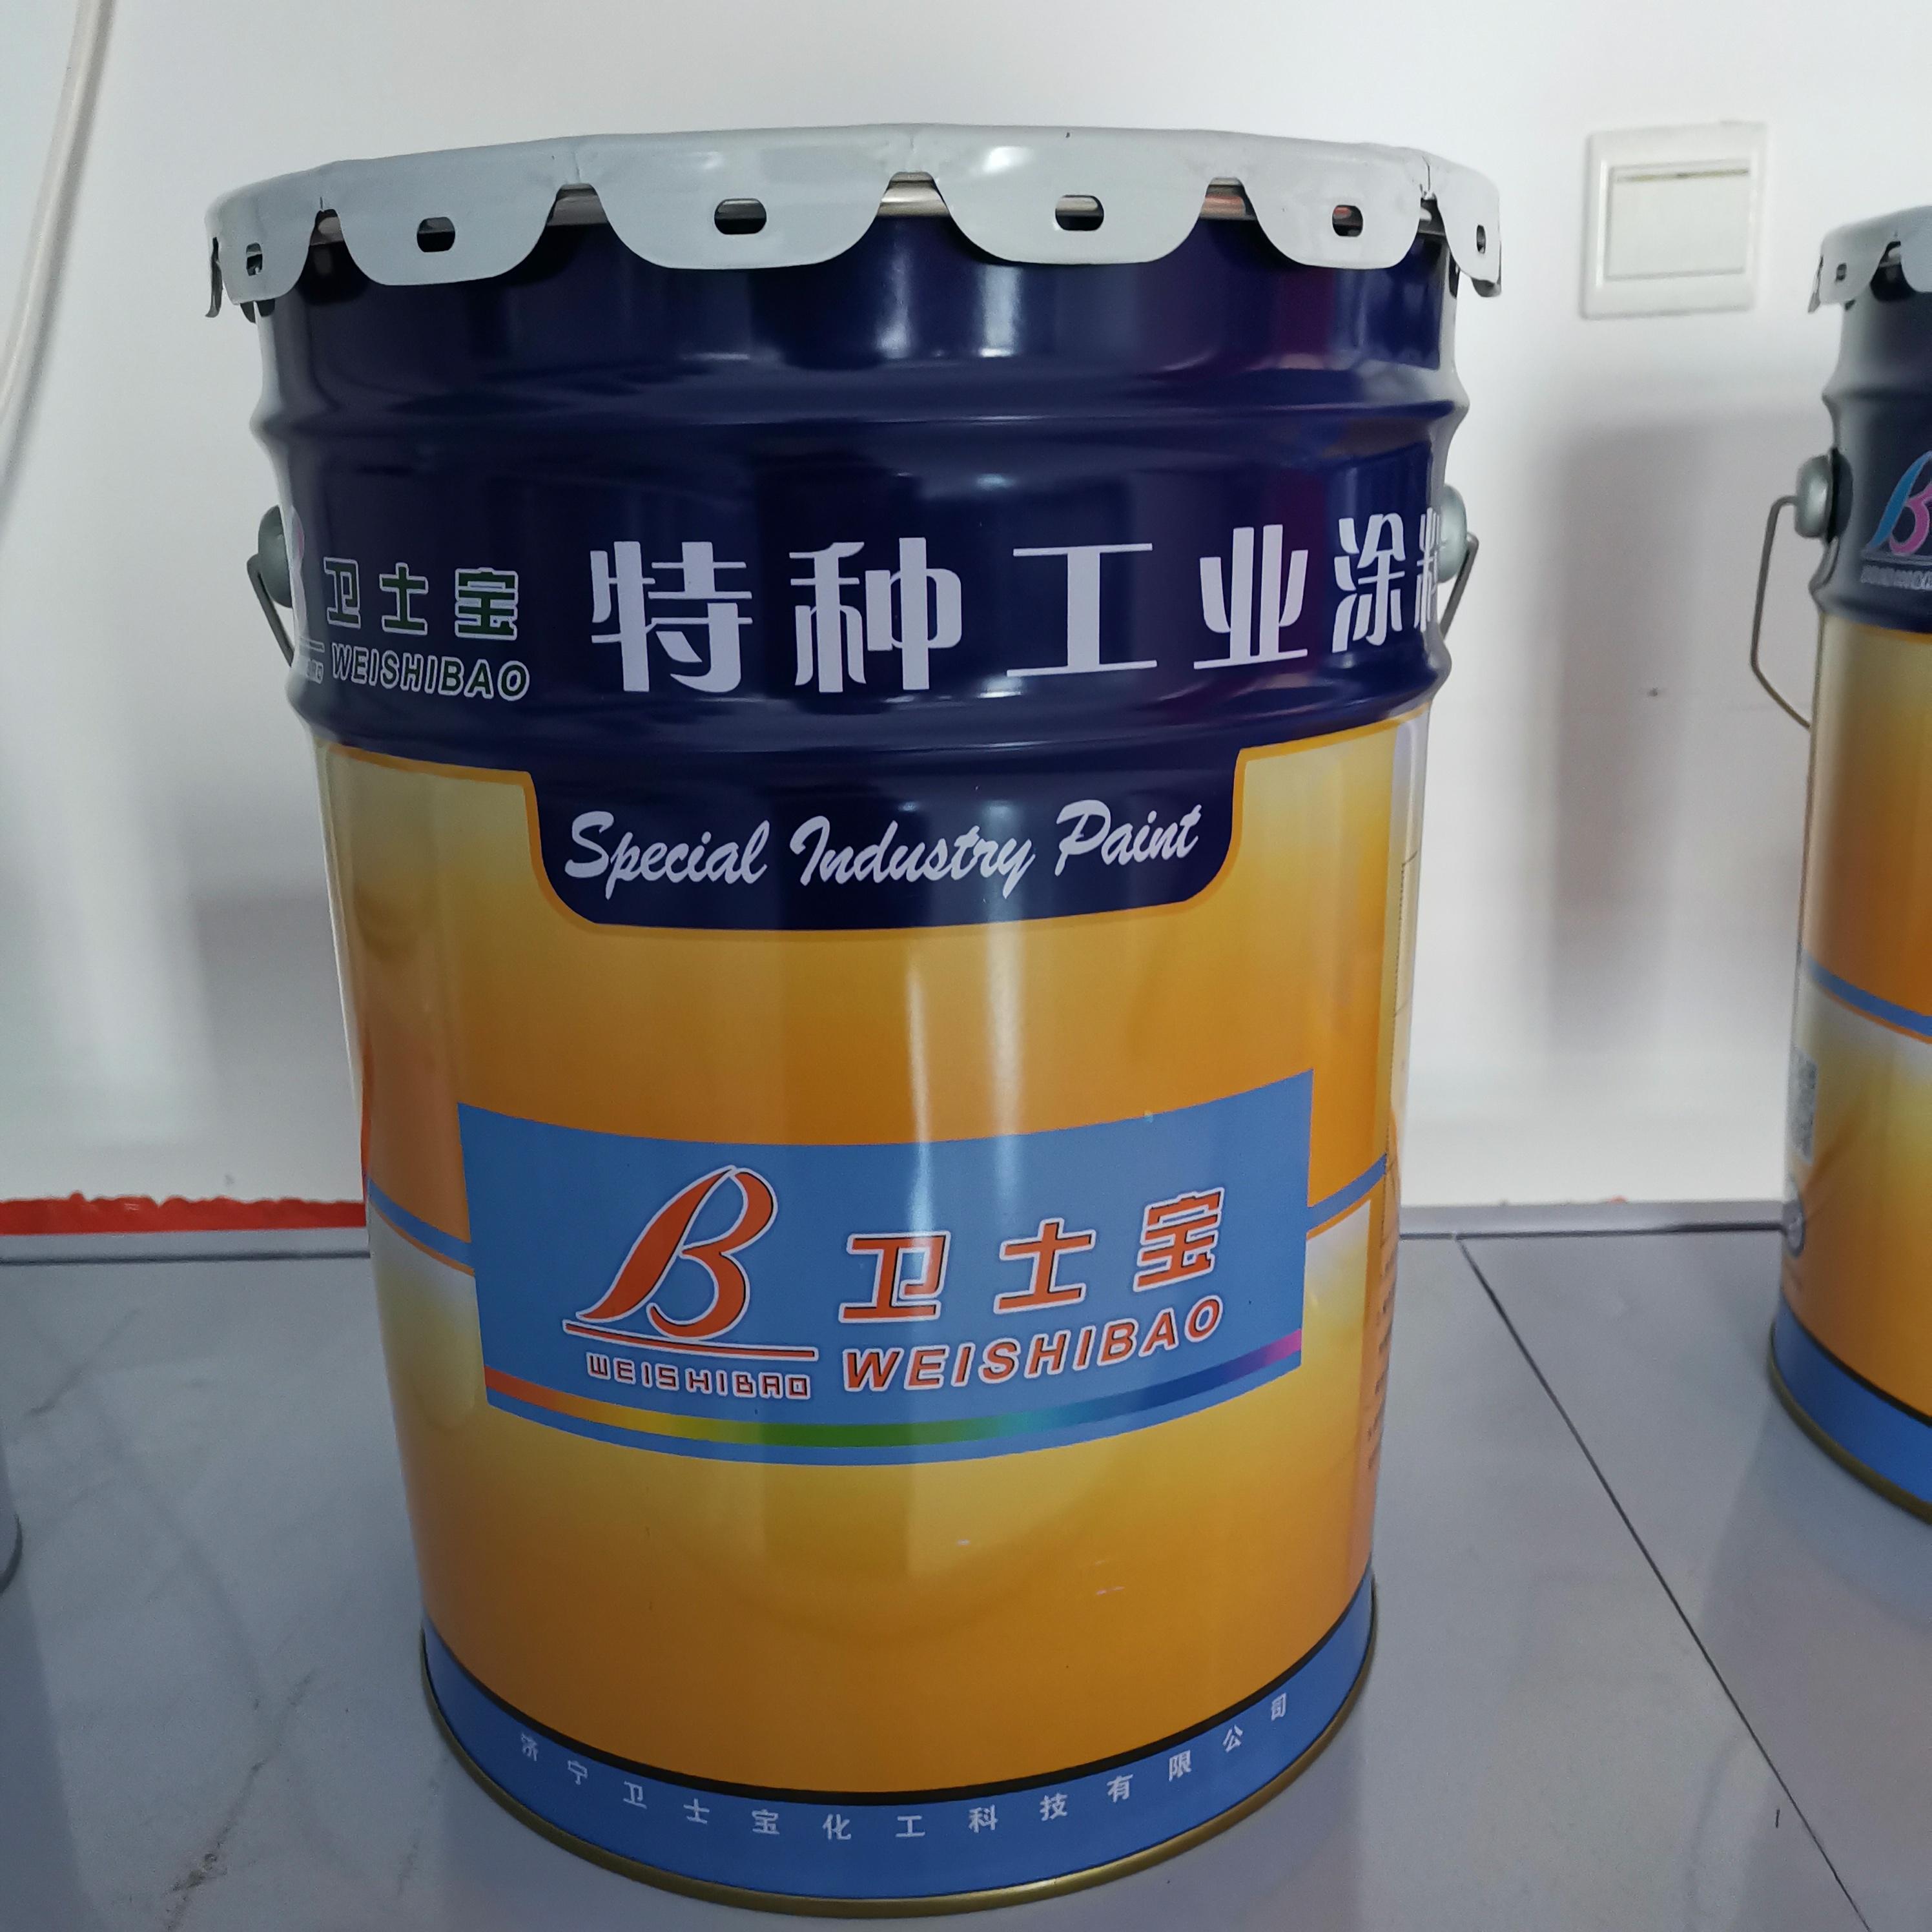 高温漆涂装过程中出现问题的原因